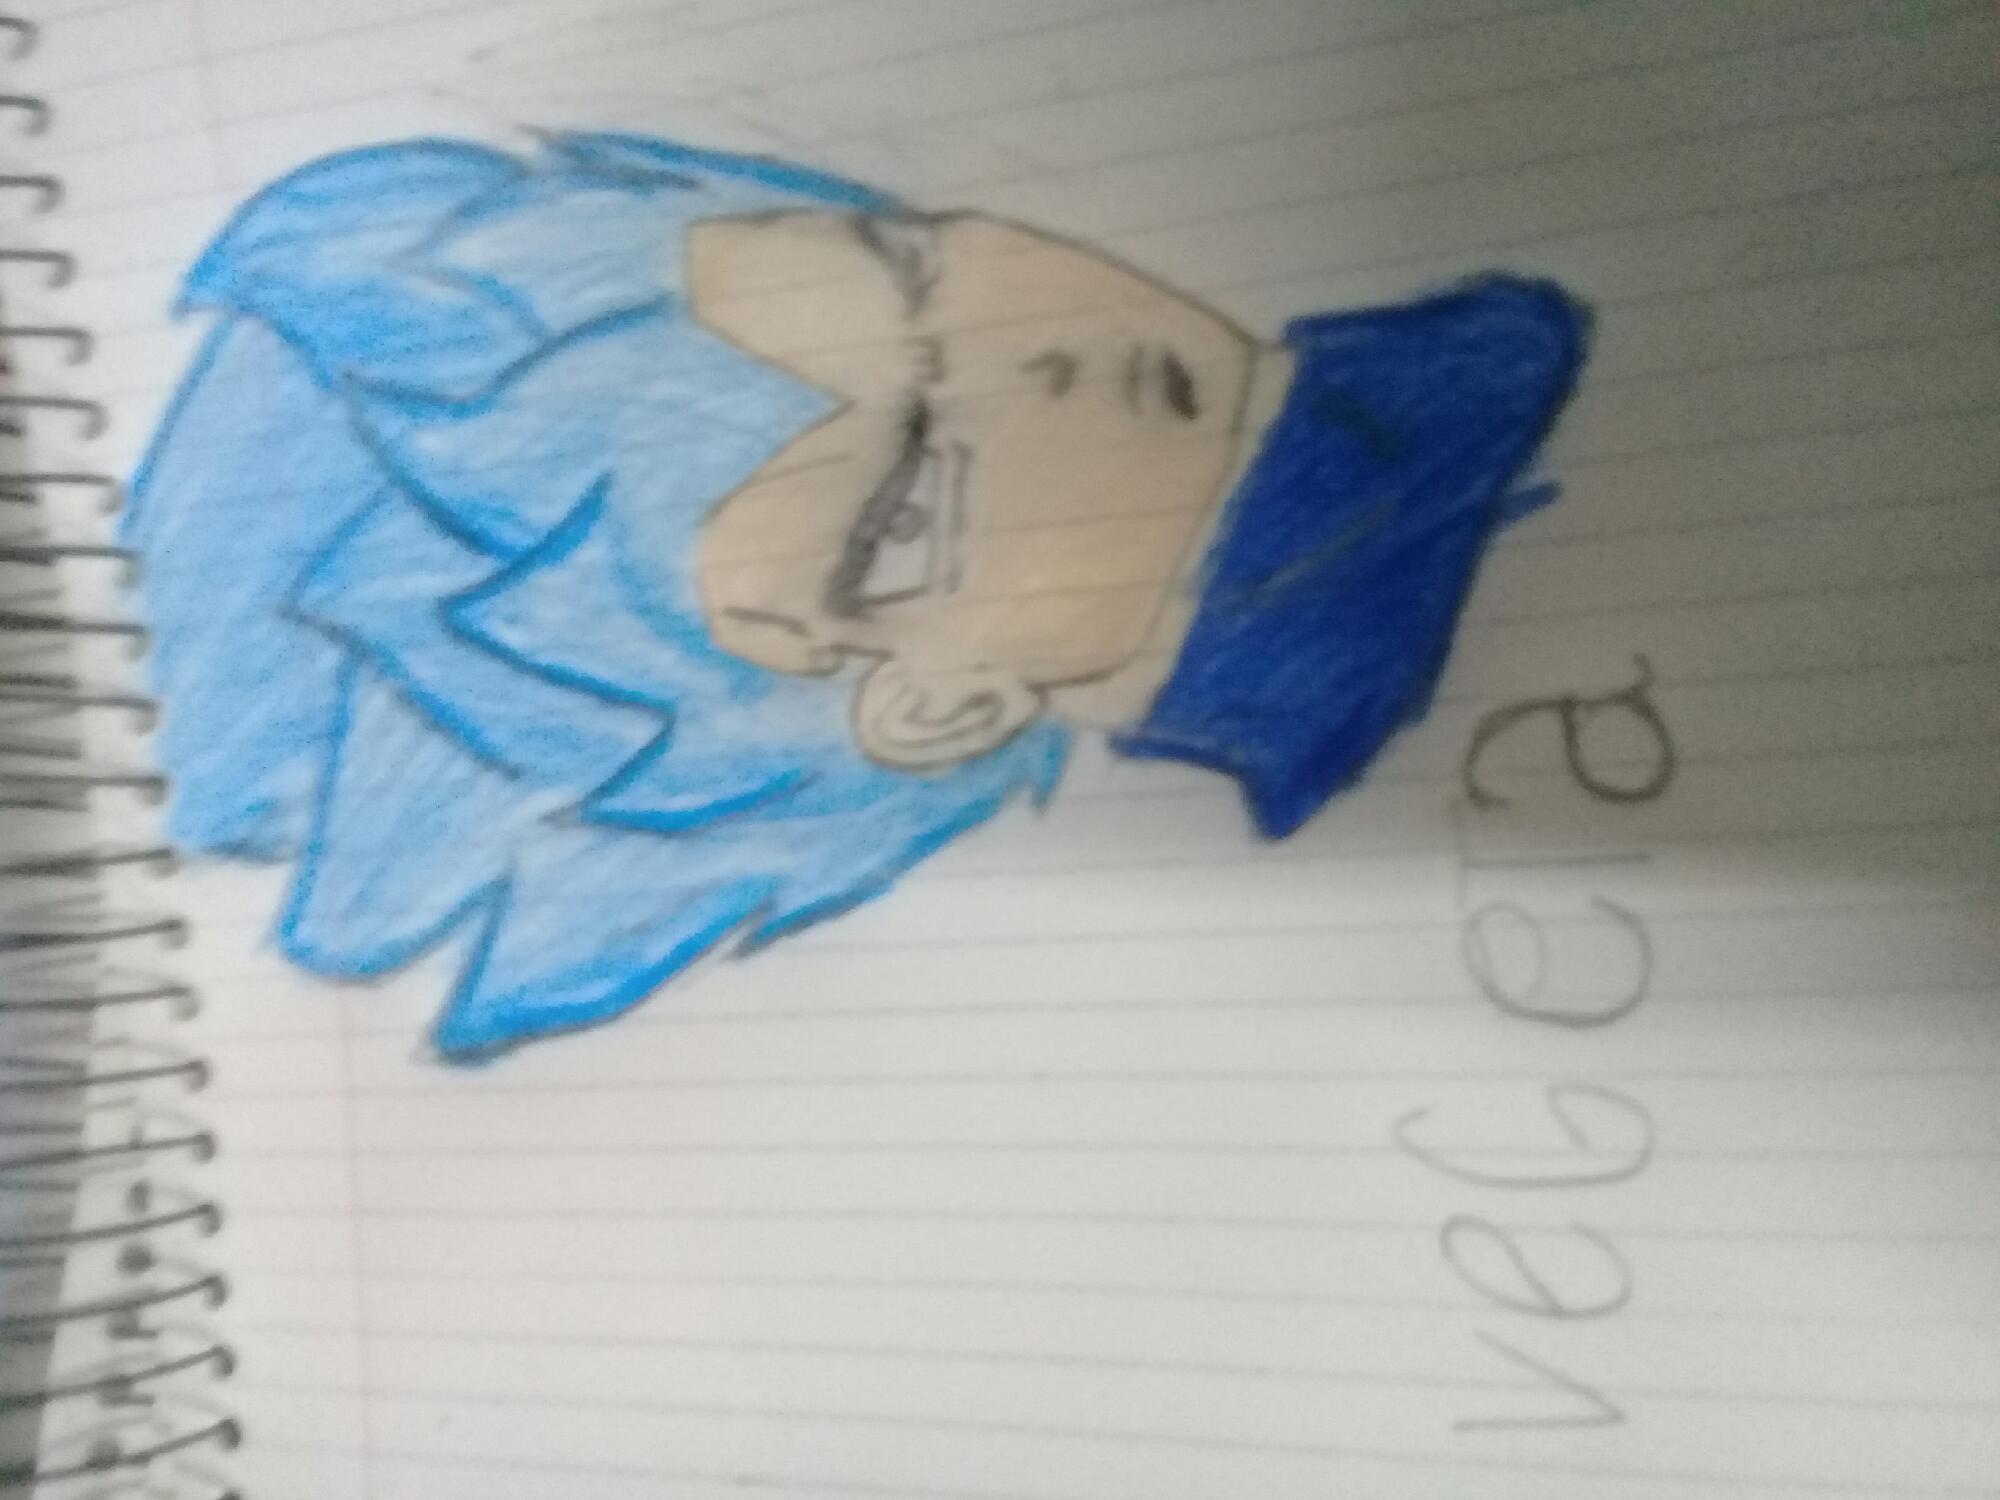 vegeta ssj blue